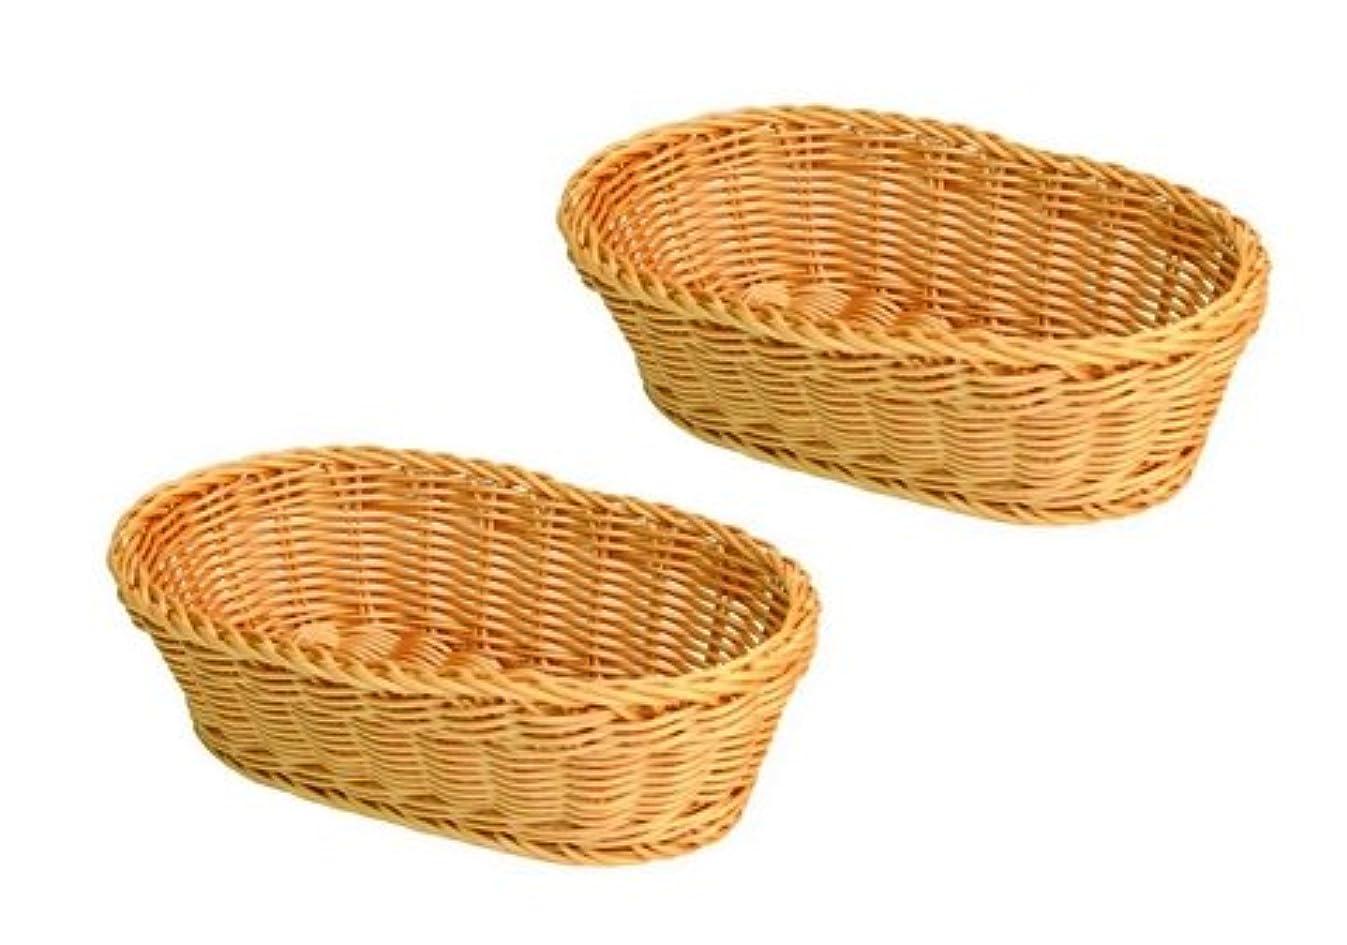 SET OF 2, 11-Inch Large Oval Tabletop Serving Baskets, Bread Roll Basket Baskets, Restaurant Serving/Diplay Baskets